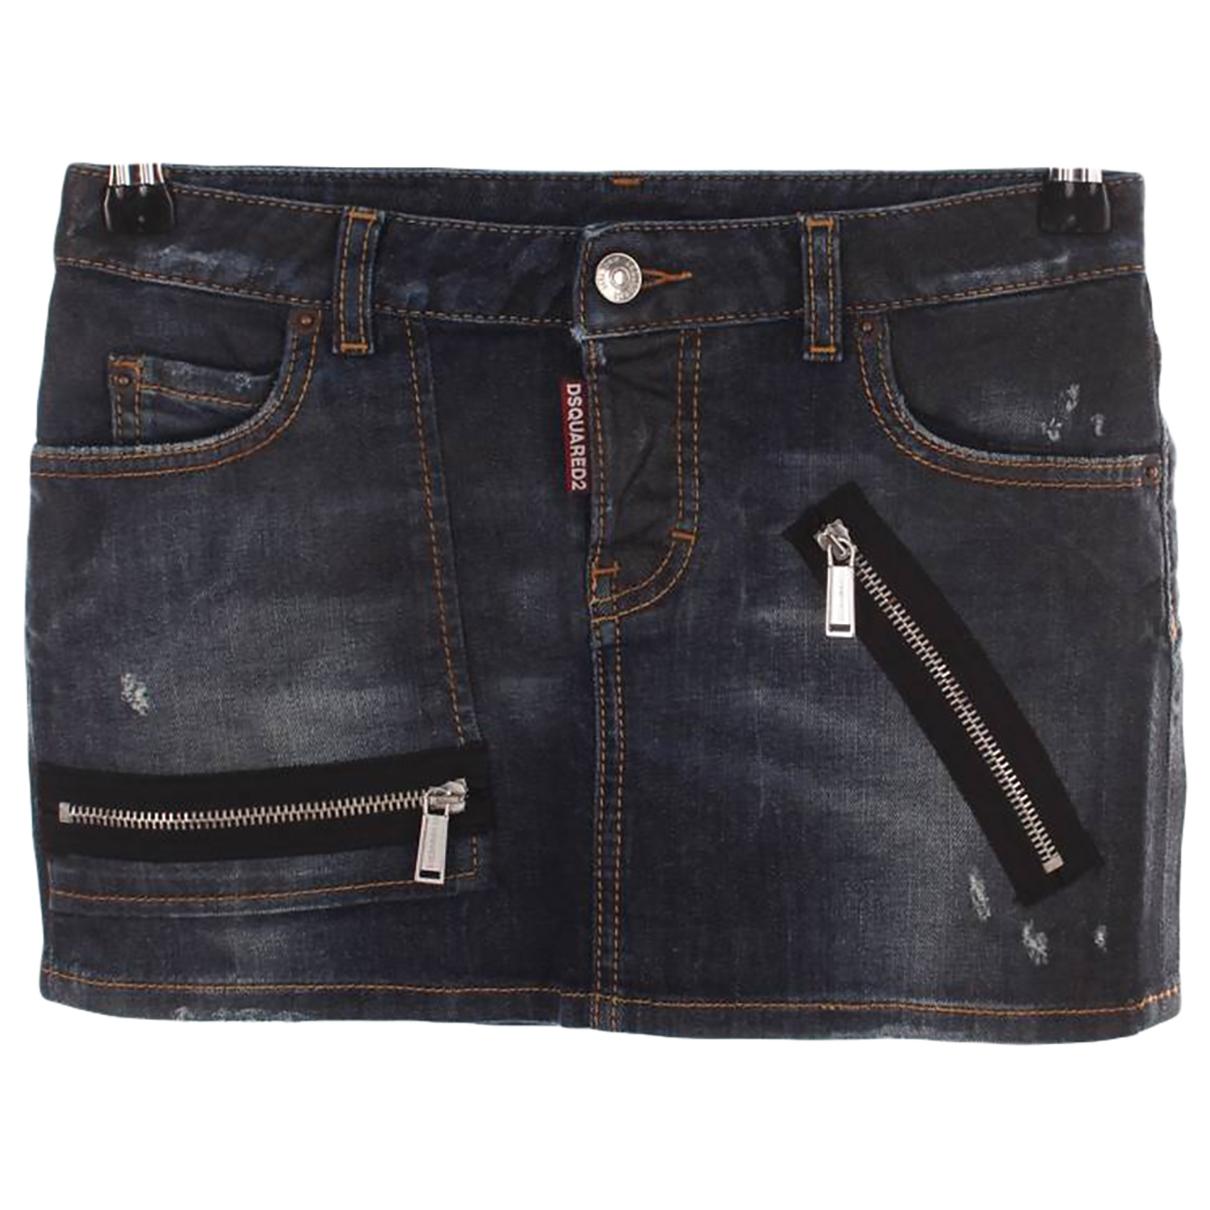 Dsquared2 \N Navy Denim - Jeans skirt for Kids 12 years - XS UK